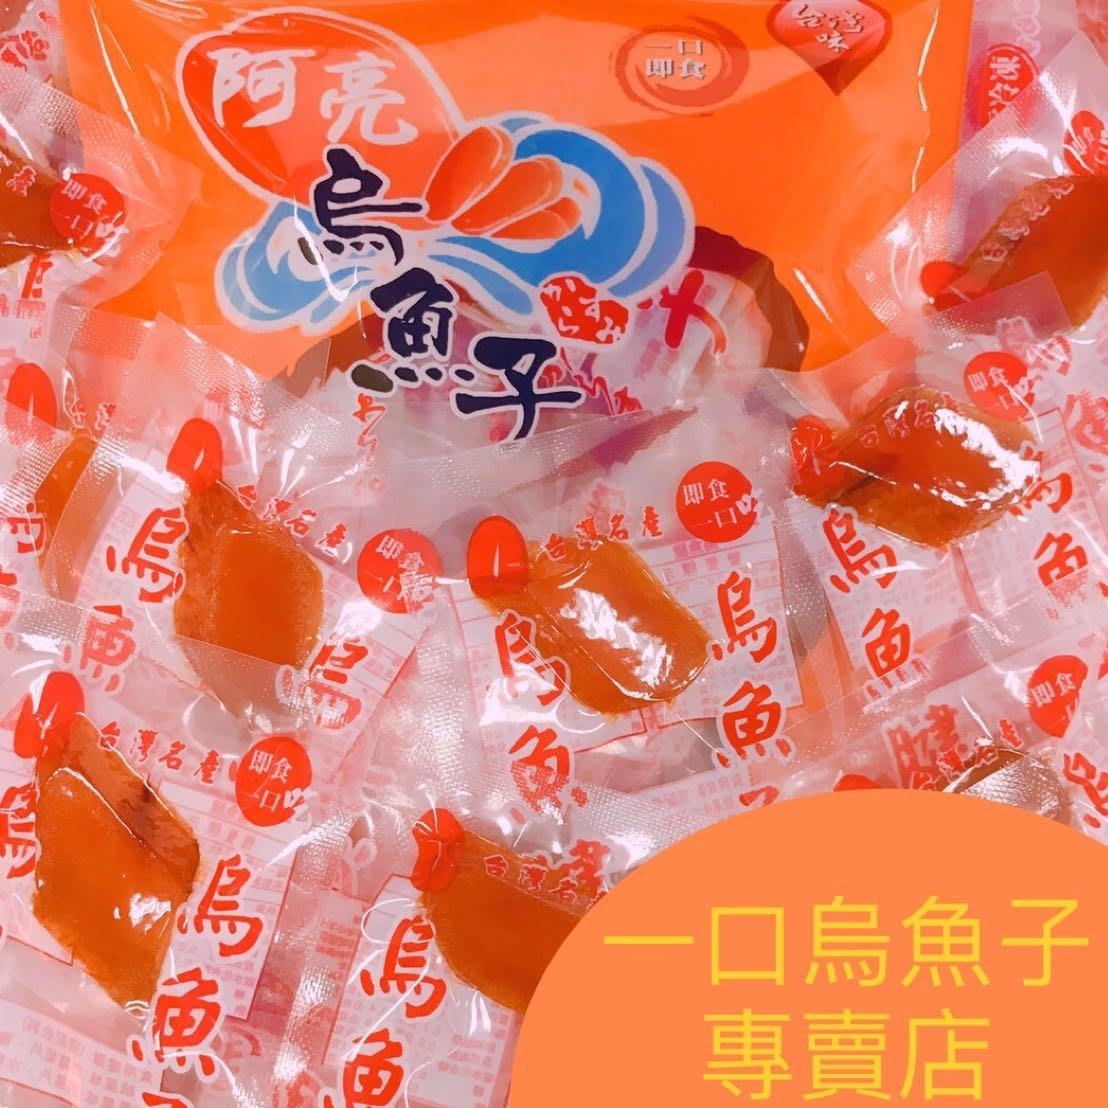 《一口烏魚子專賣店》(熟食)小塊碳烤烏魚子1包85-90g 小塊有19-21小包